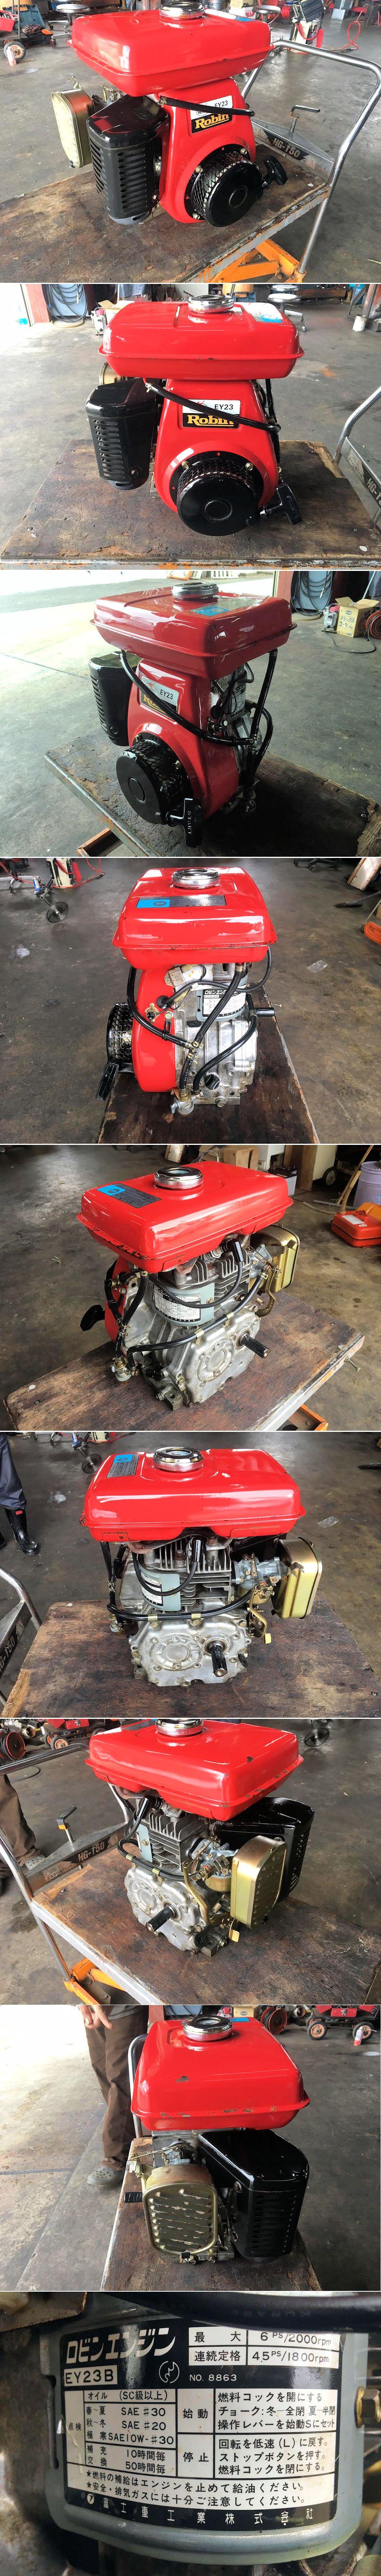 ロビン ガソリンエンジン EY23 乗せ換え用 美品 実働 6馬力 中古